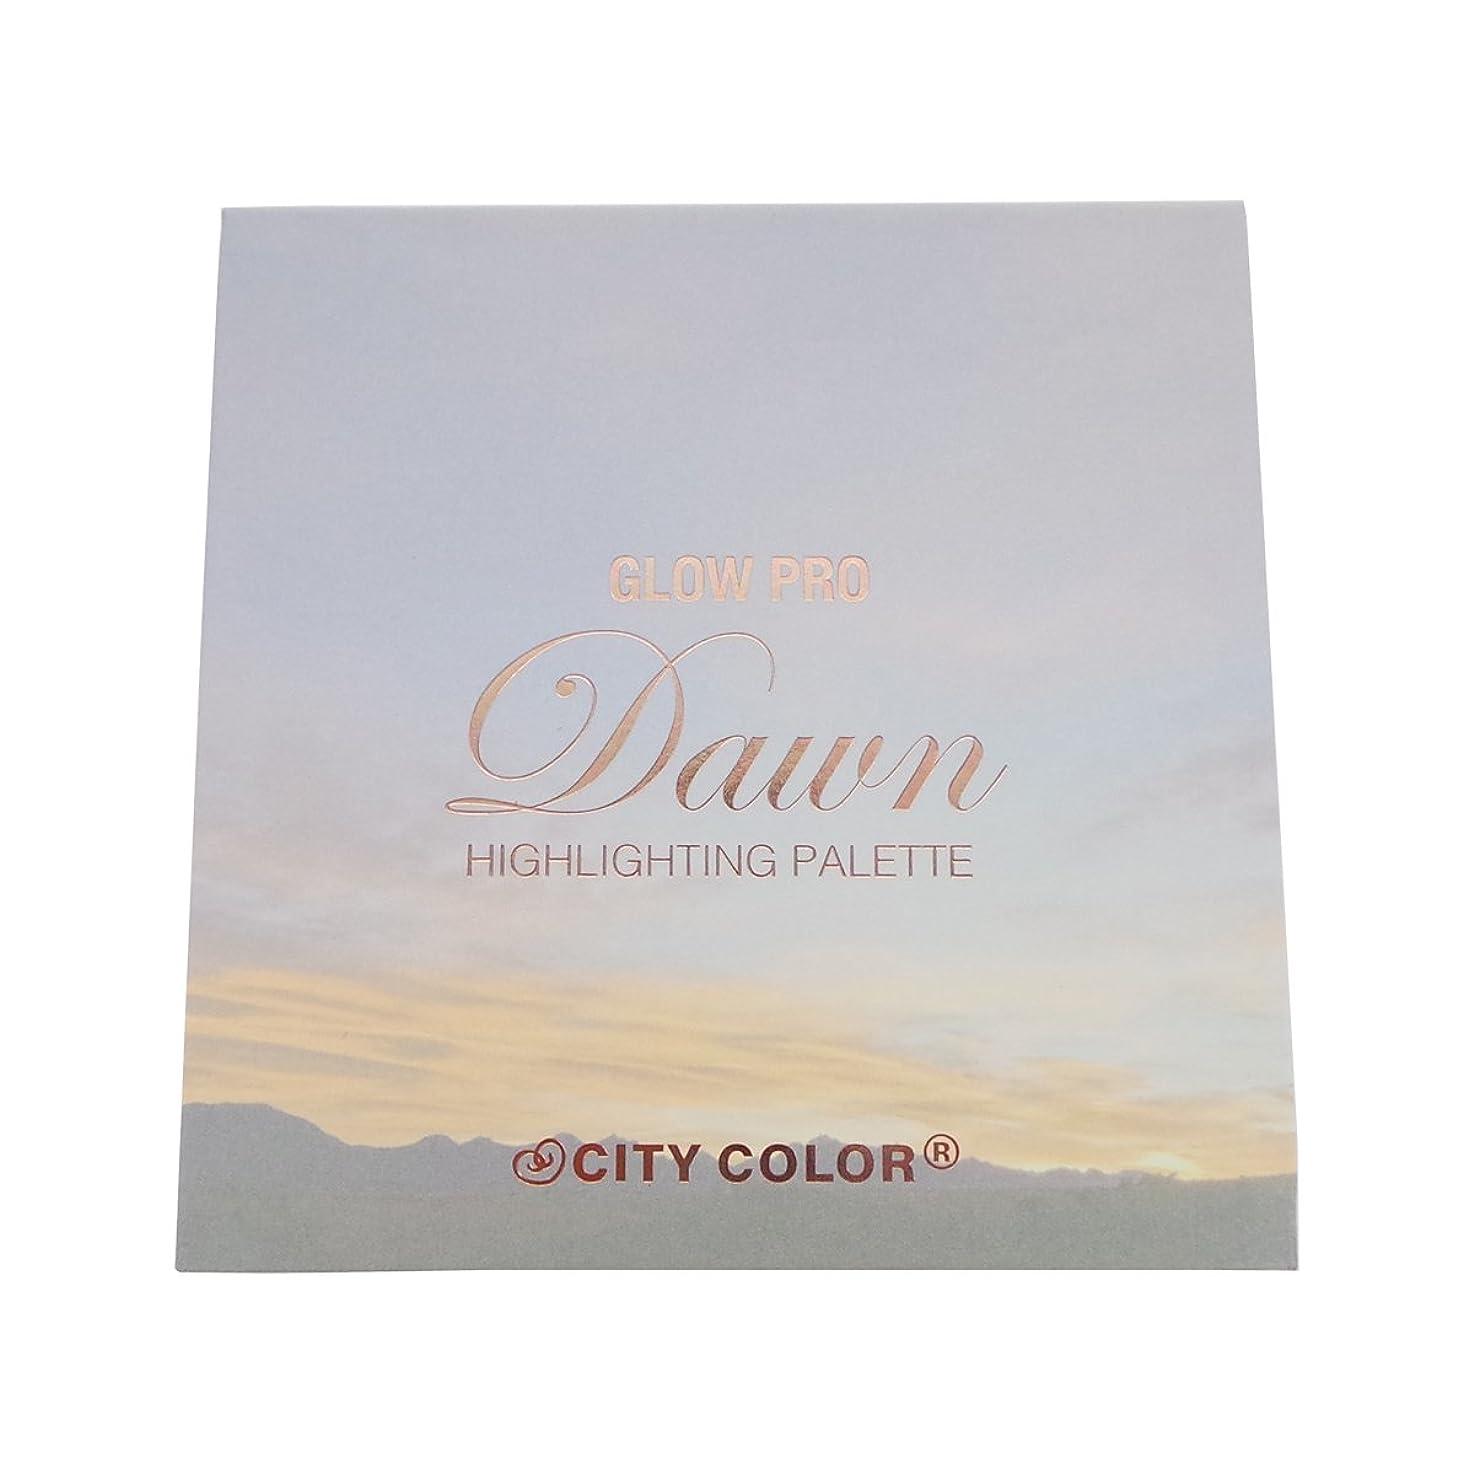 居住者構成員懐疑論(3 Pack) CITY COLOR Glow Pro Dawn Highlighting Palette (並行輸入品)